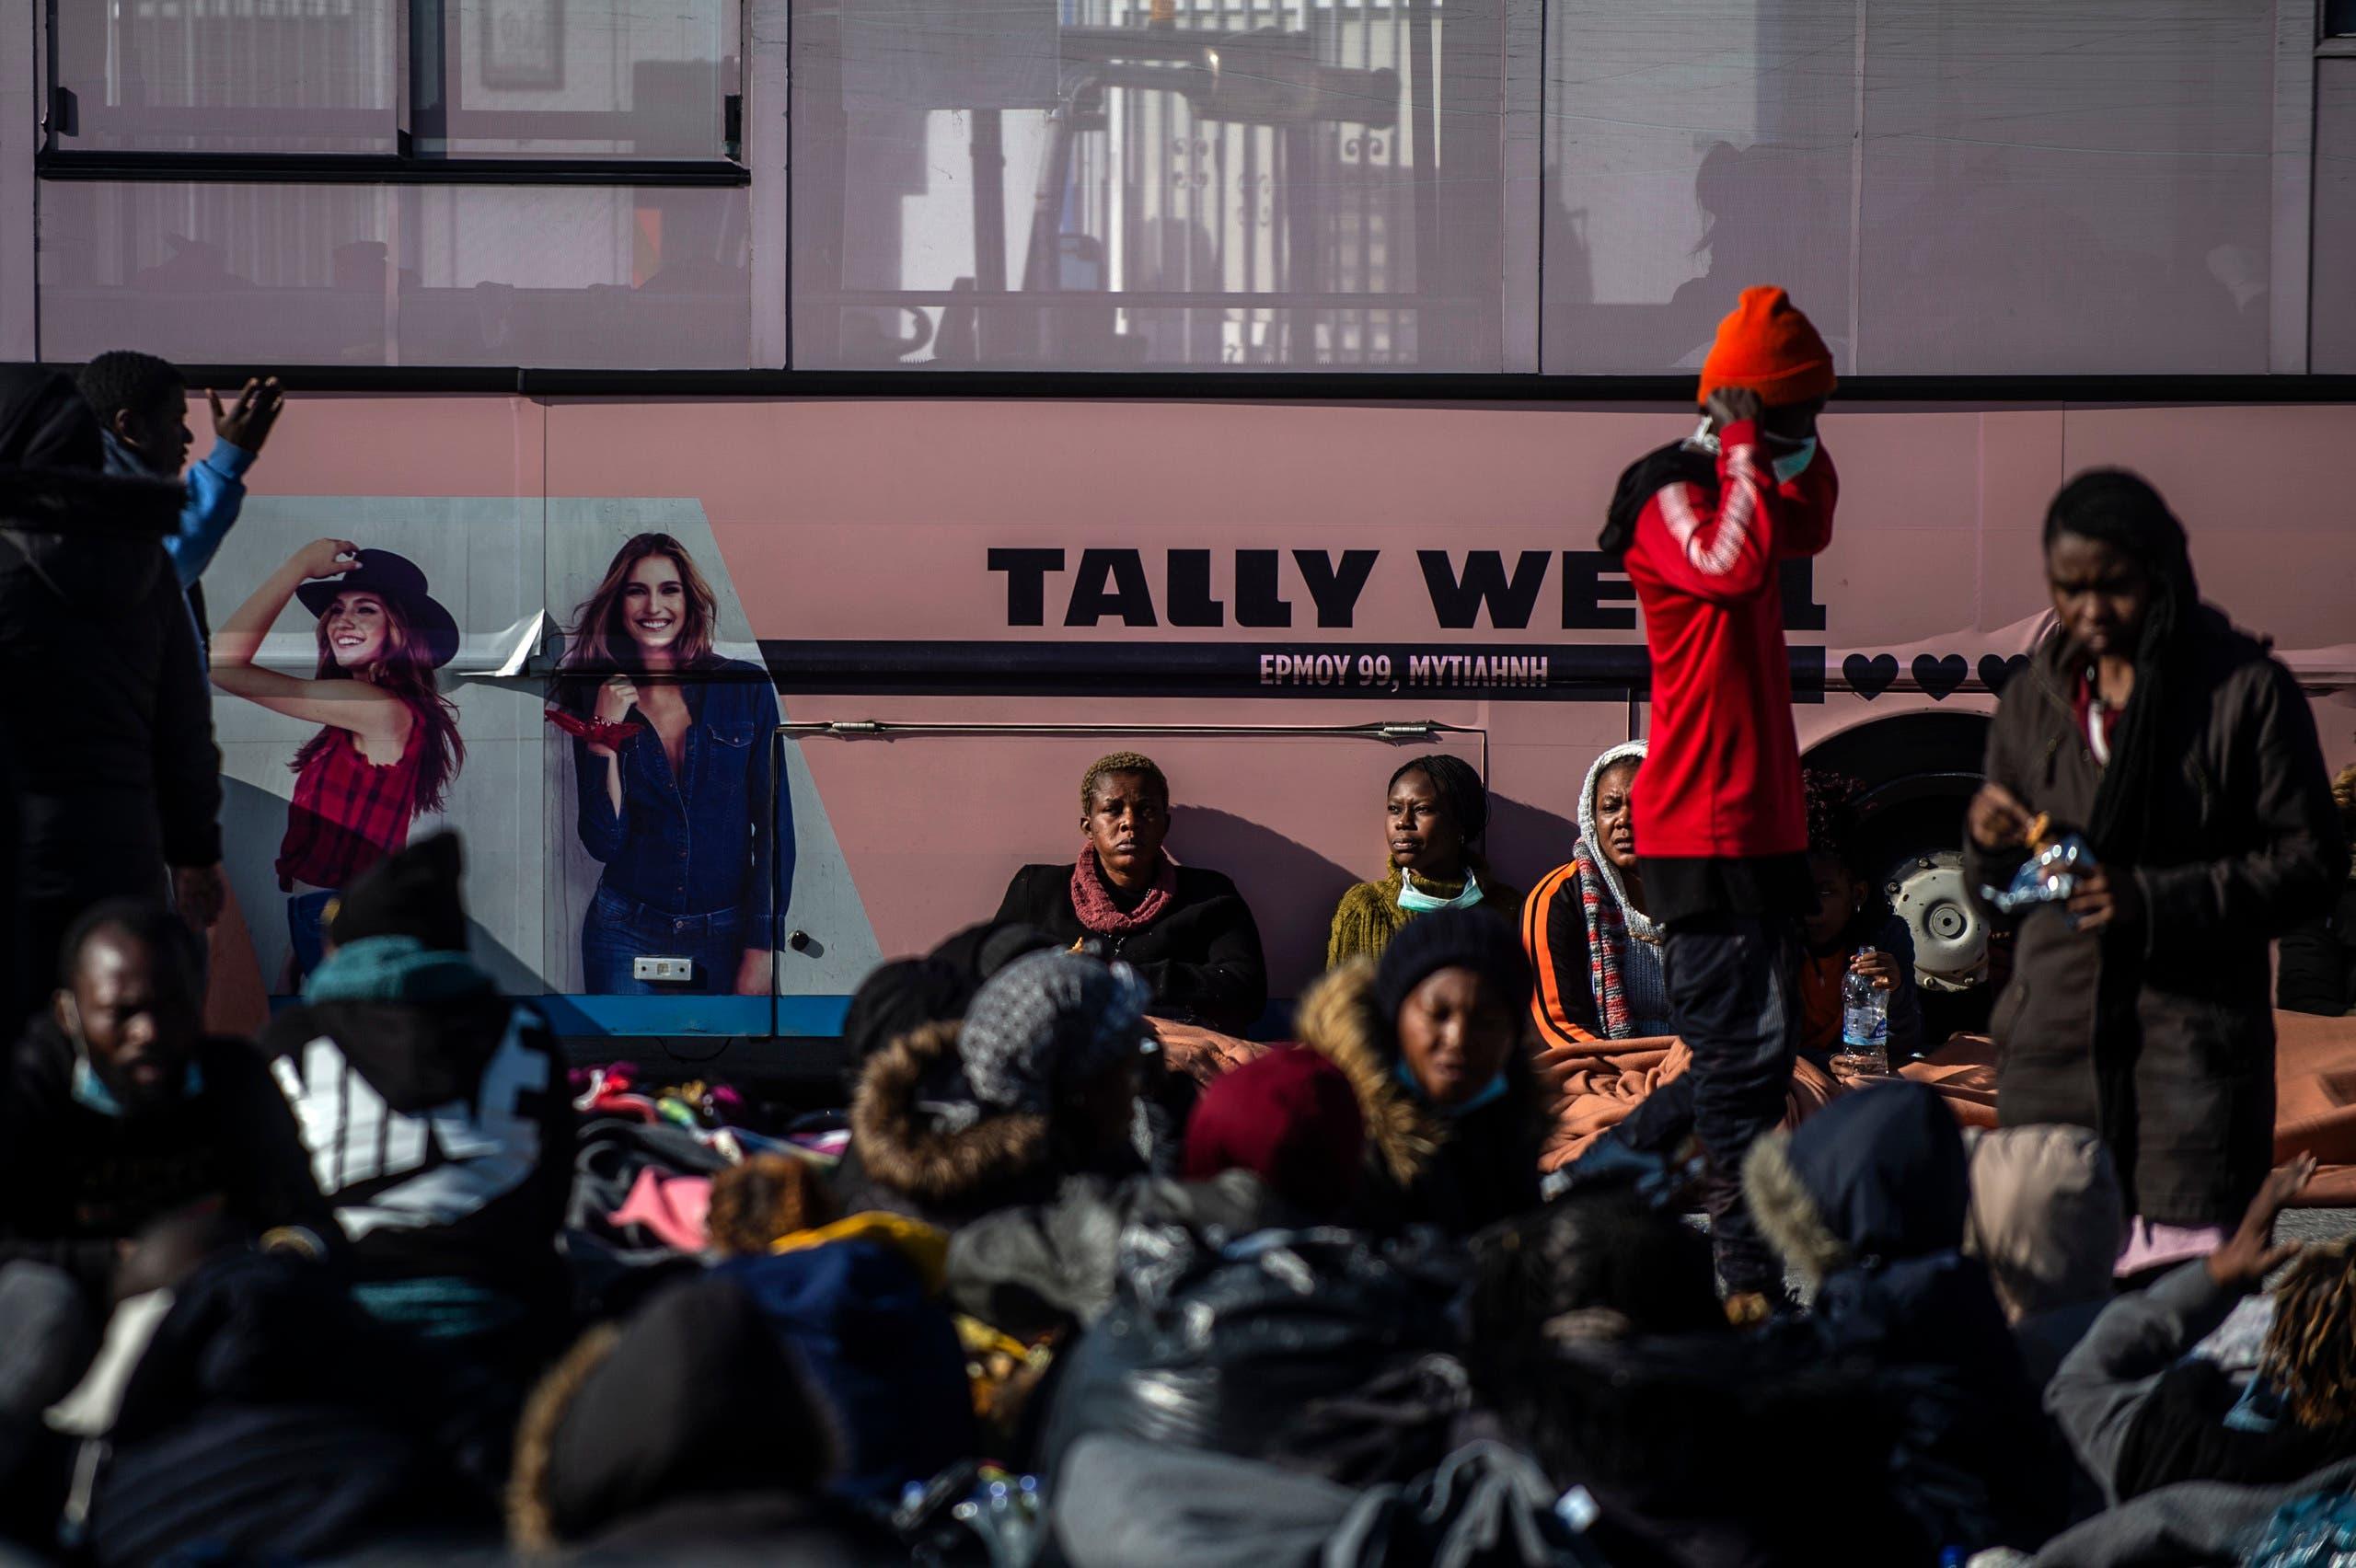 مهاجرون وصلوا إلى جزيرة ليسبوس اليونانية قادمين من تركيا بعد فتح الحدود أمامهم